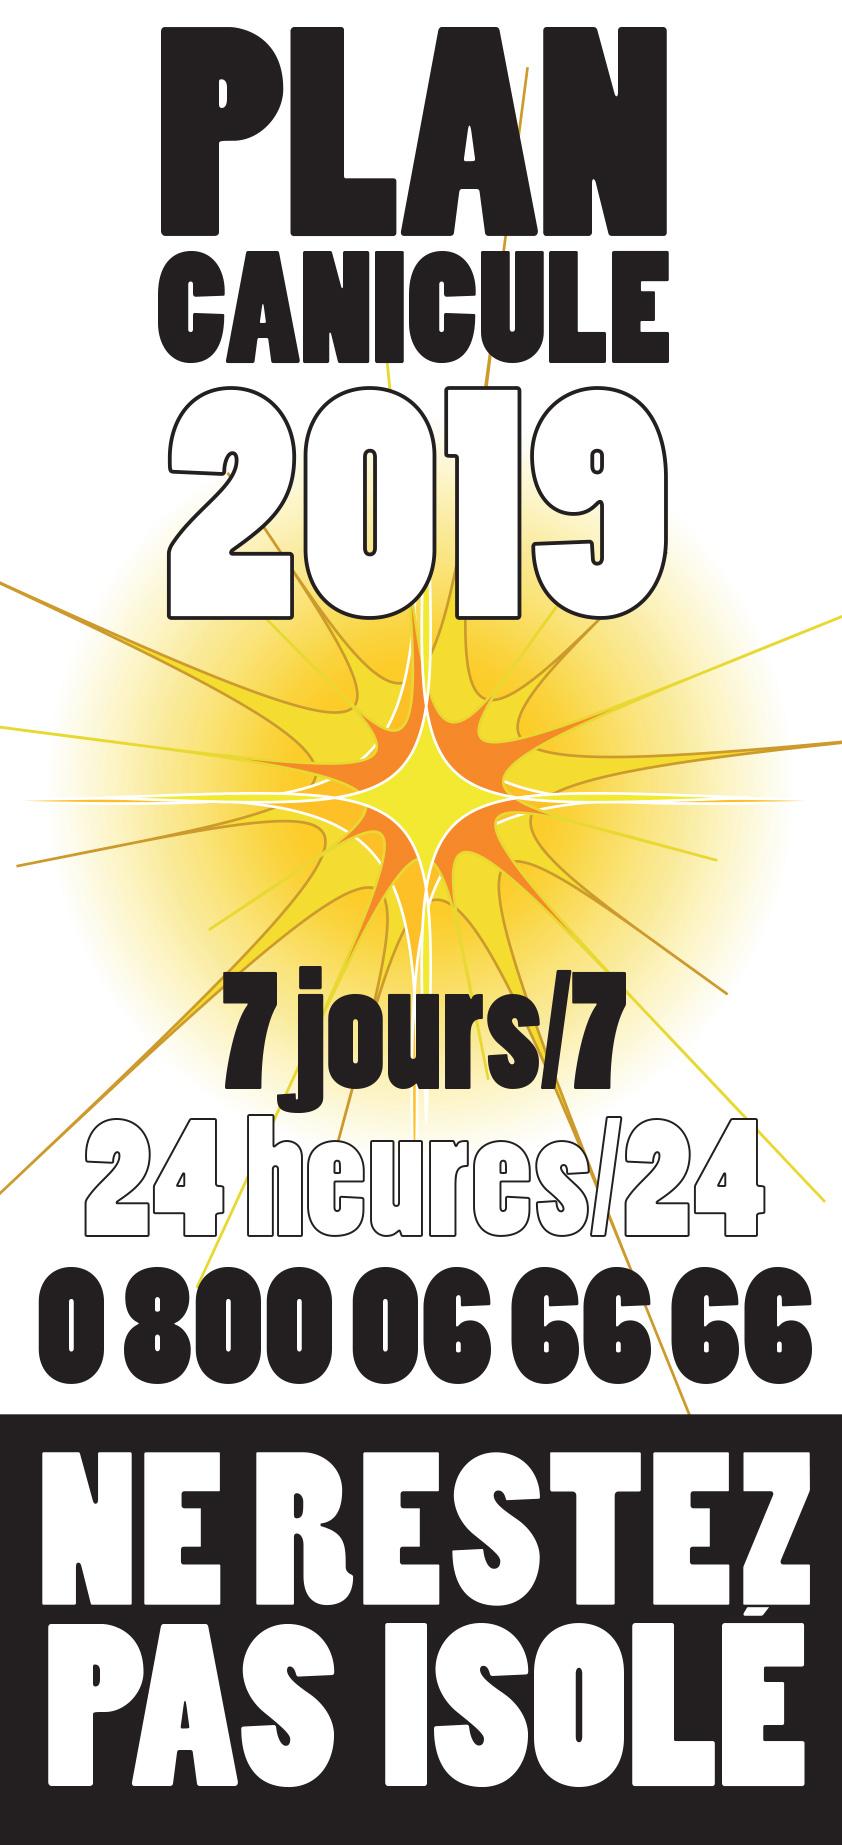 Canicule : appelez 24h/7j le 0 800 06 66 66